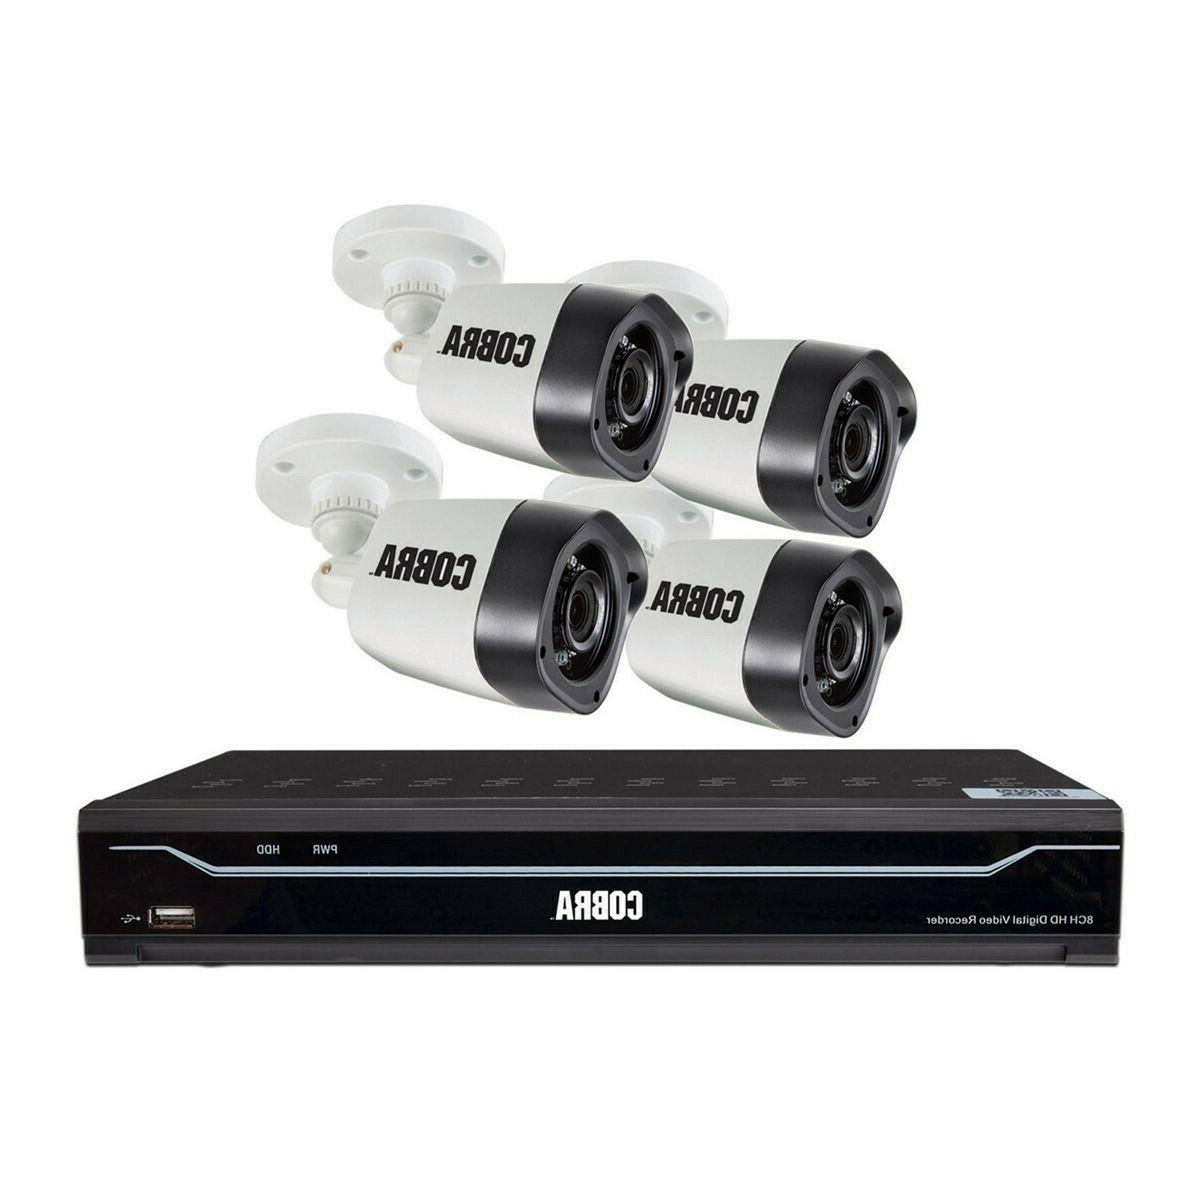 Sercurity Channel Surveillance DVR HD & Mobile